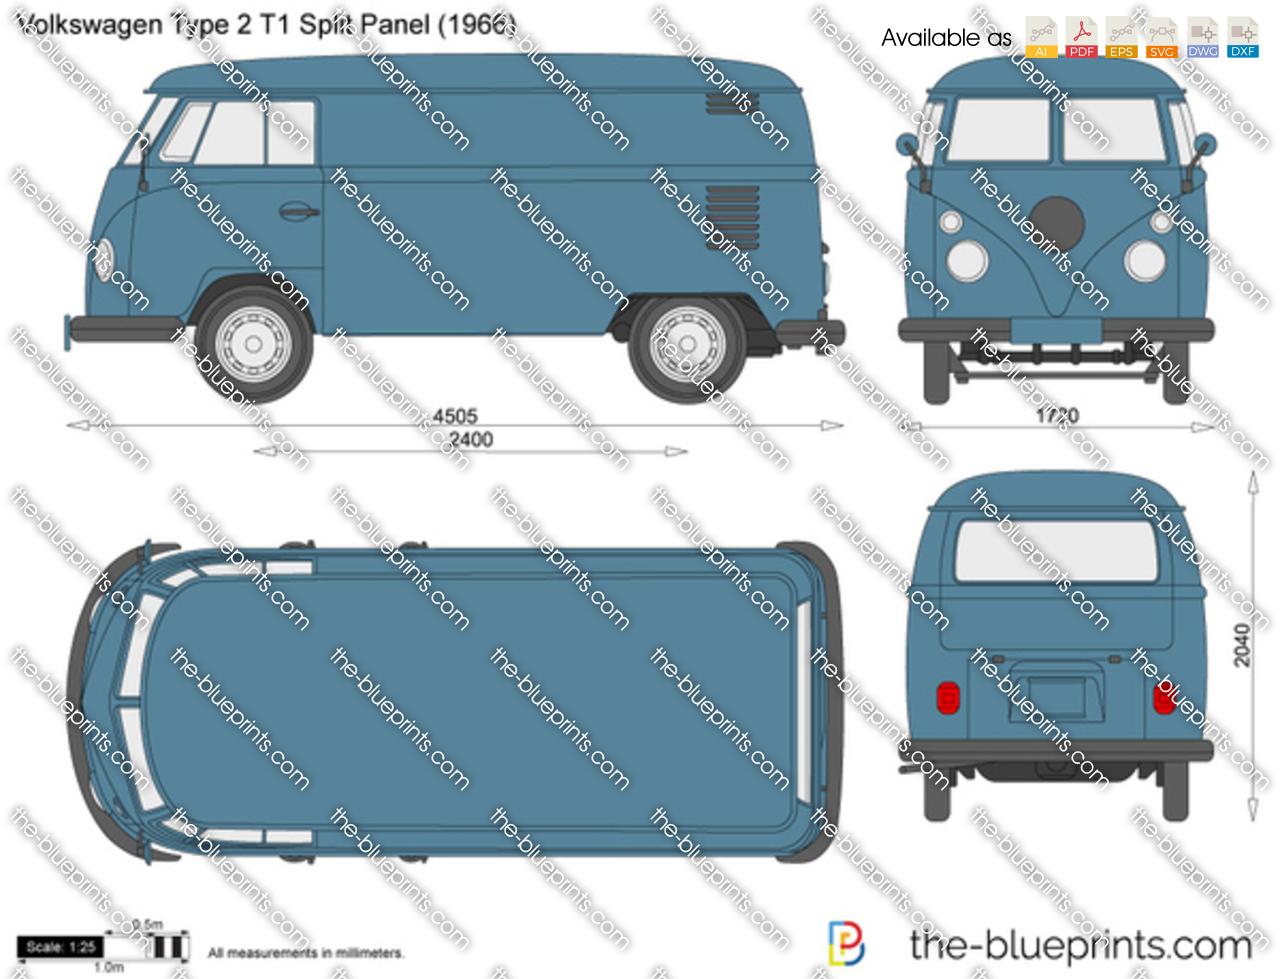 Volkswagen Type 2 T1 Split Panel 1960